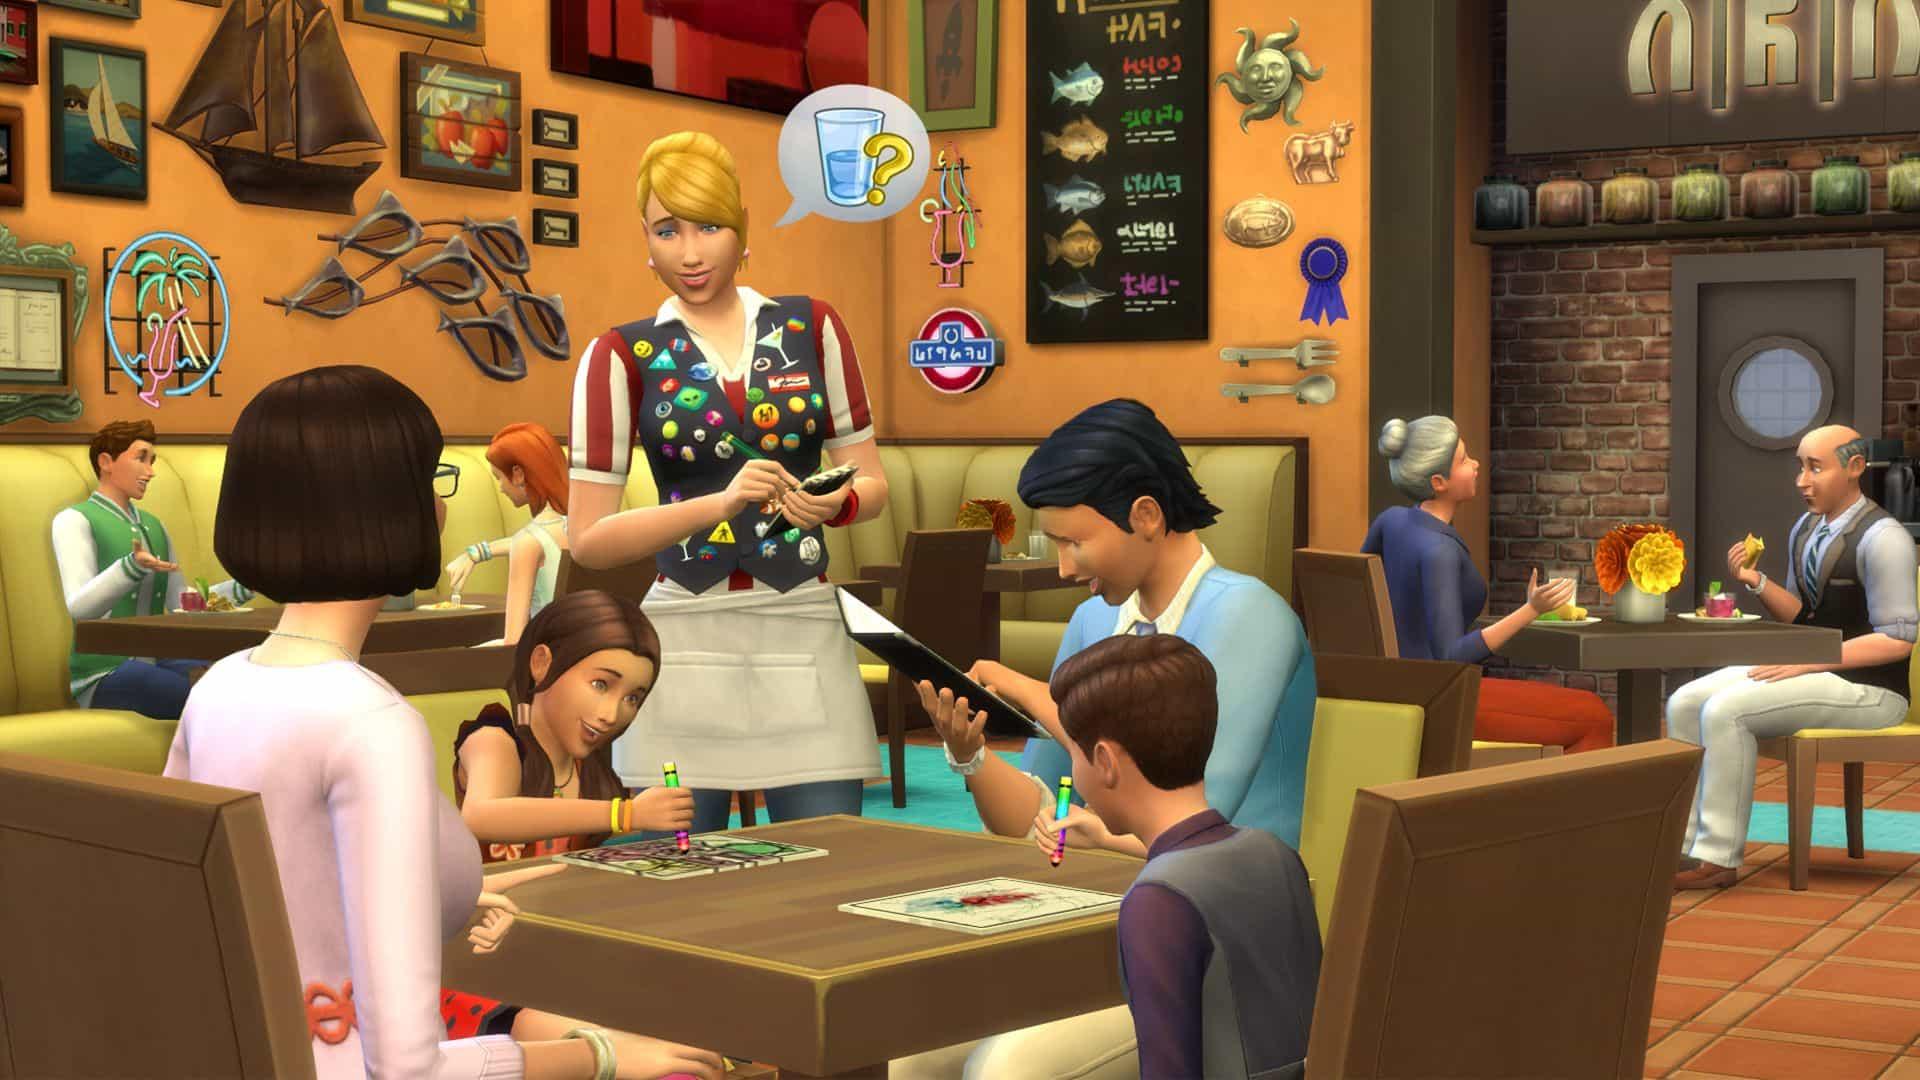 dicas de The Sims 4 melhores códigos